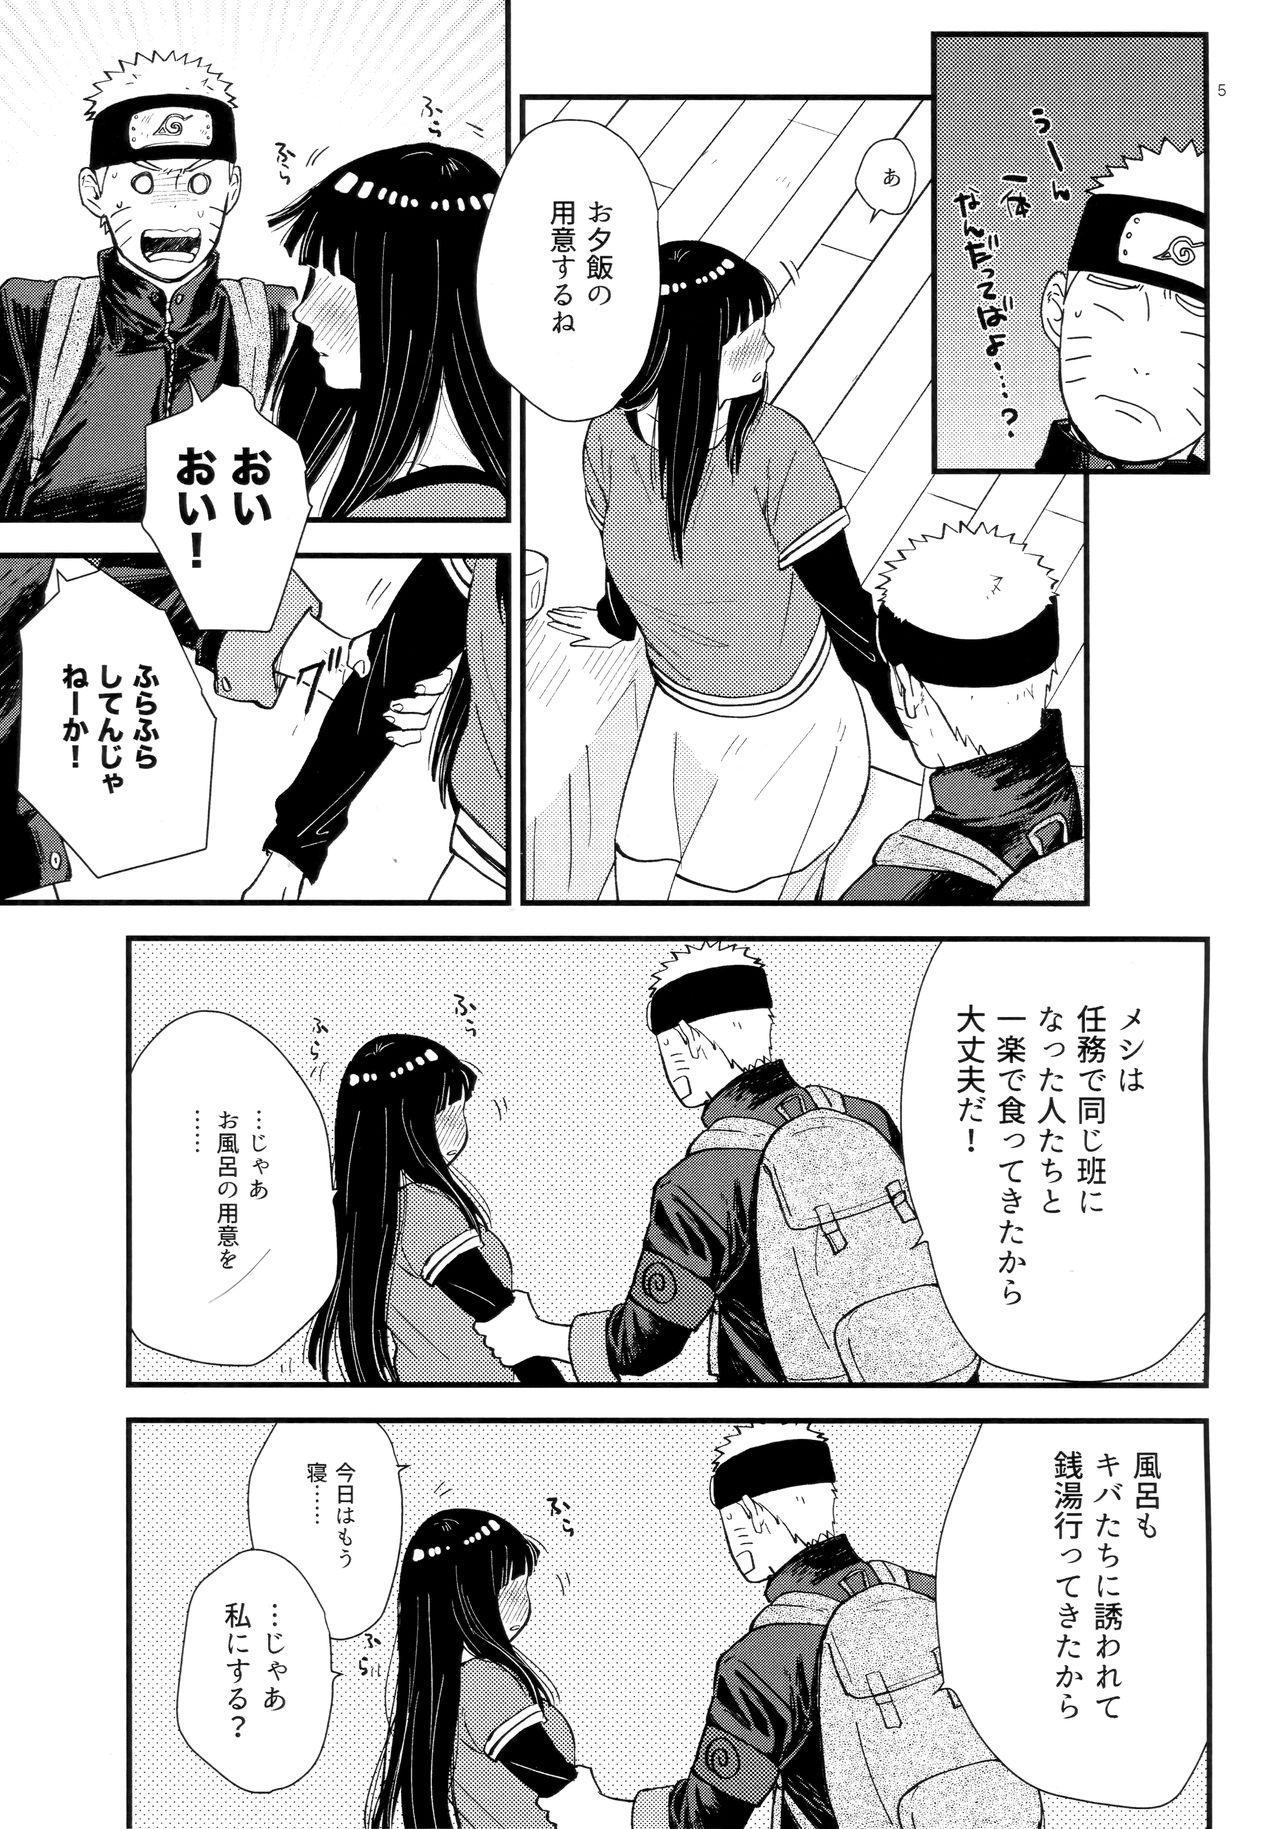 Hachimitsu to Himitsu 3